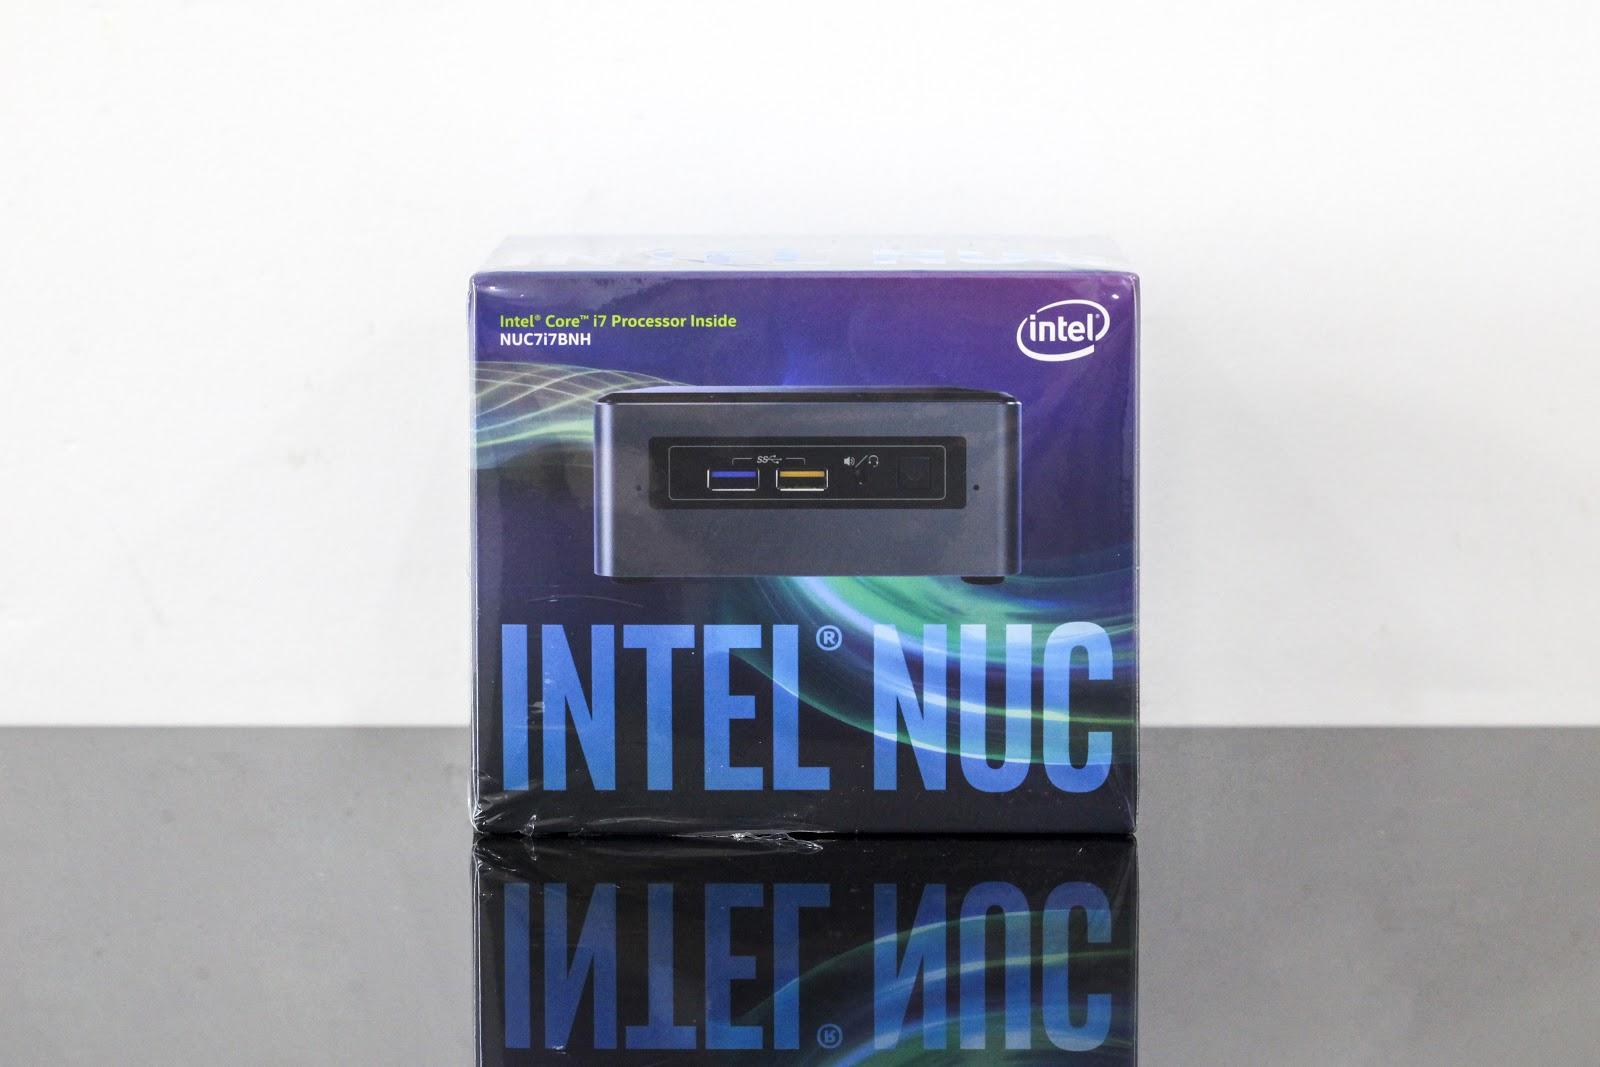 Đánh giá cặp đôi Intel NUC7i7BNH và SSD 660p: Không thể thiếu cho góc học tập chất - Ảnh 1.